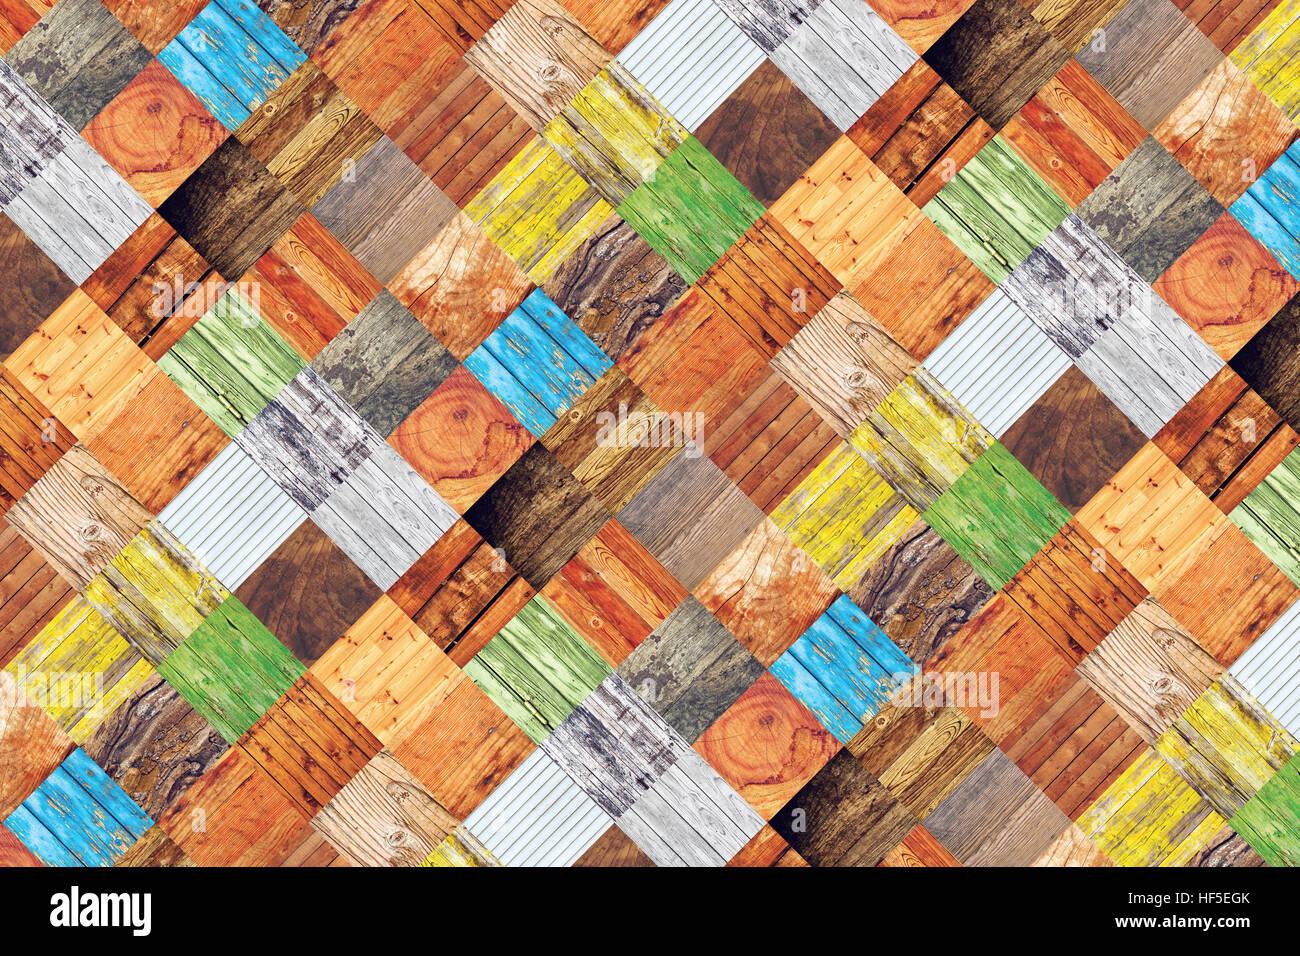 Collage de textura de madera diferentes muestras en formato cuadrado Imagen De Stock